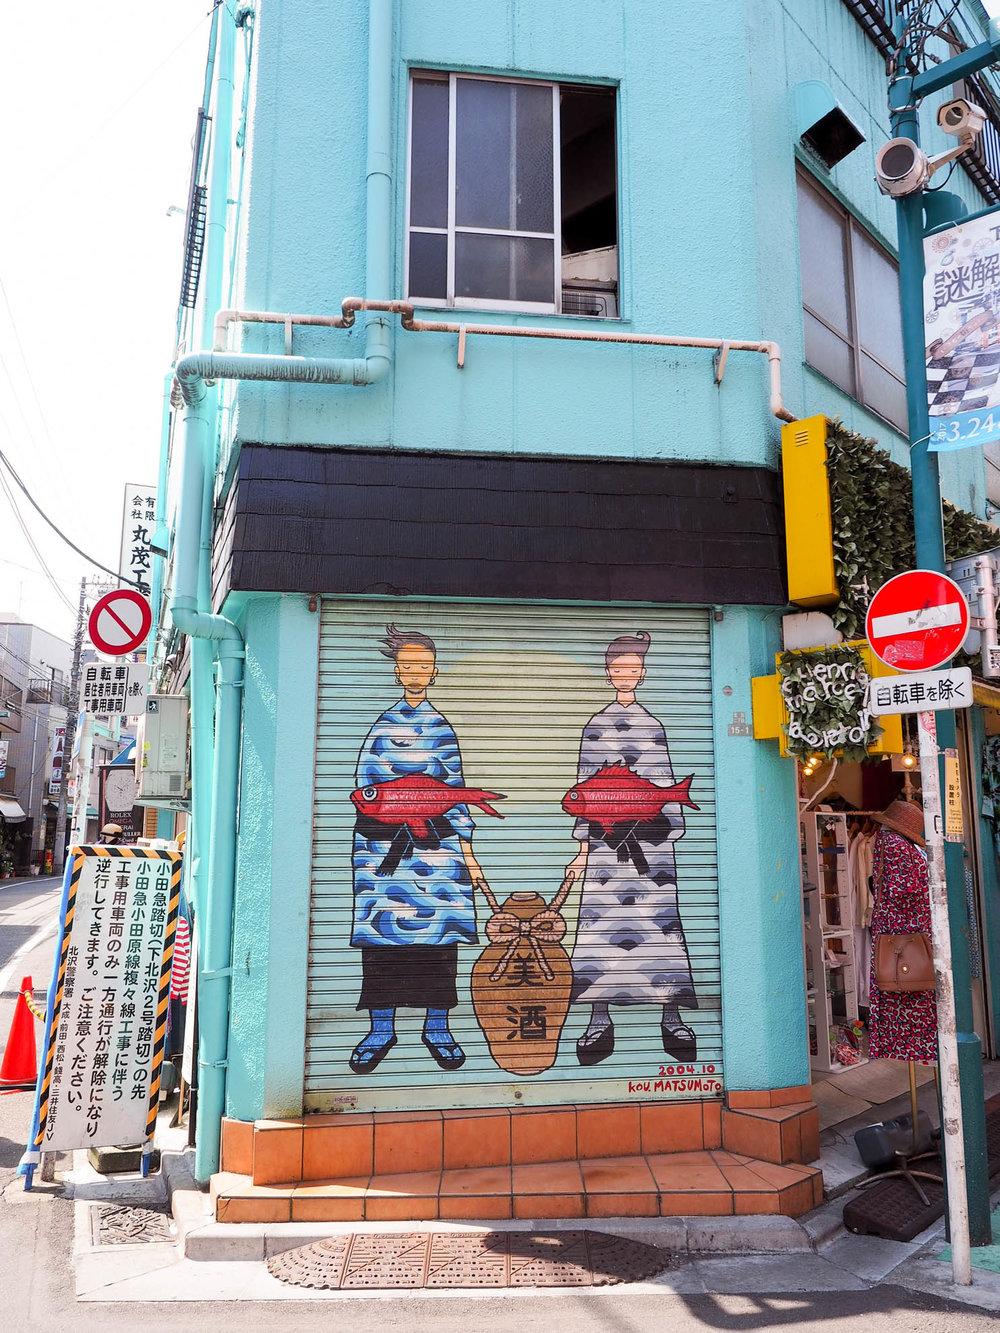 Street art in Shimokitazawa, Tokyo, Japan.